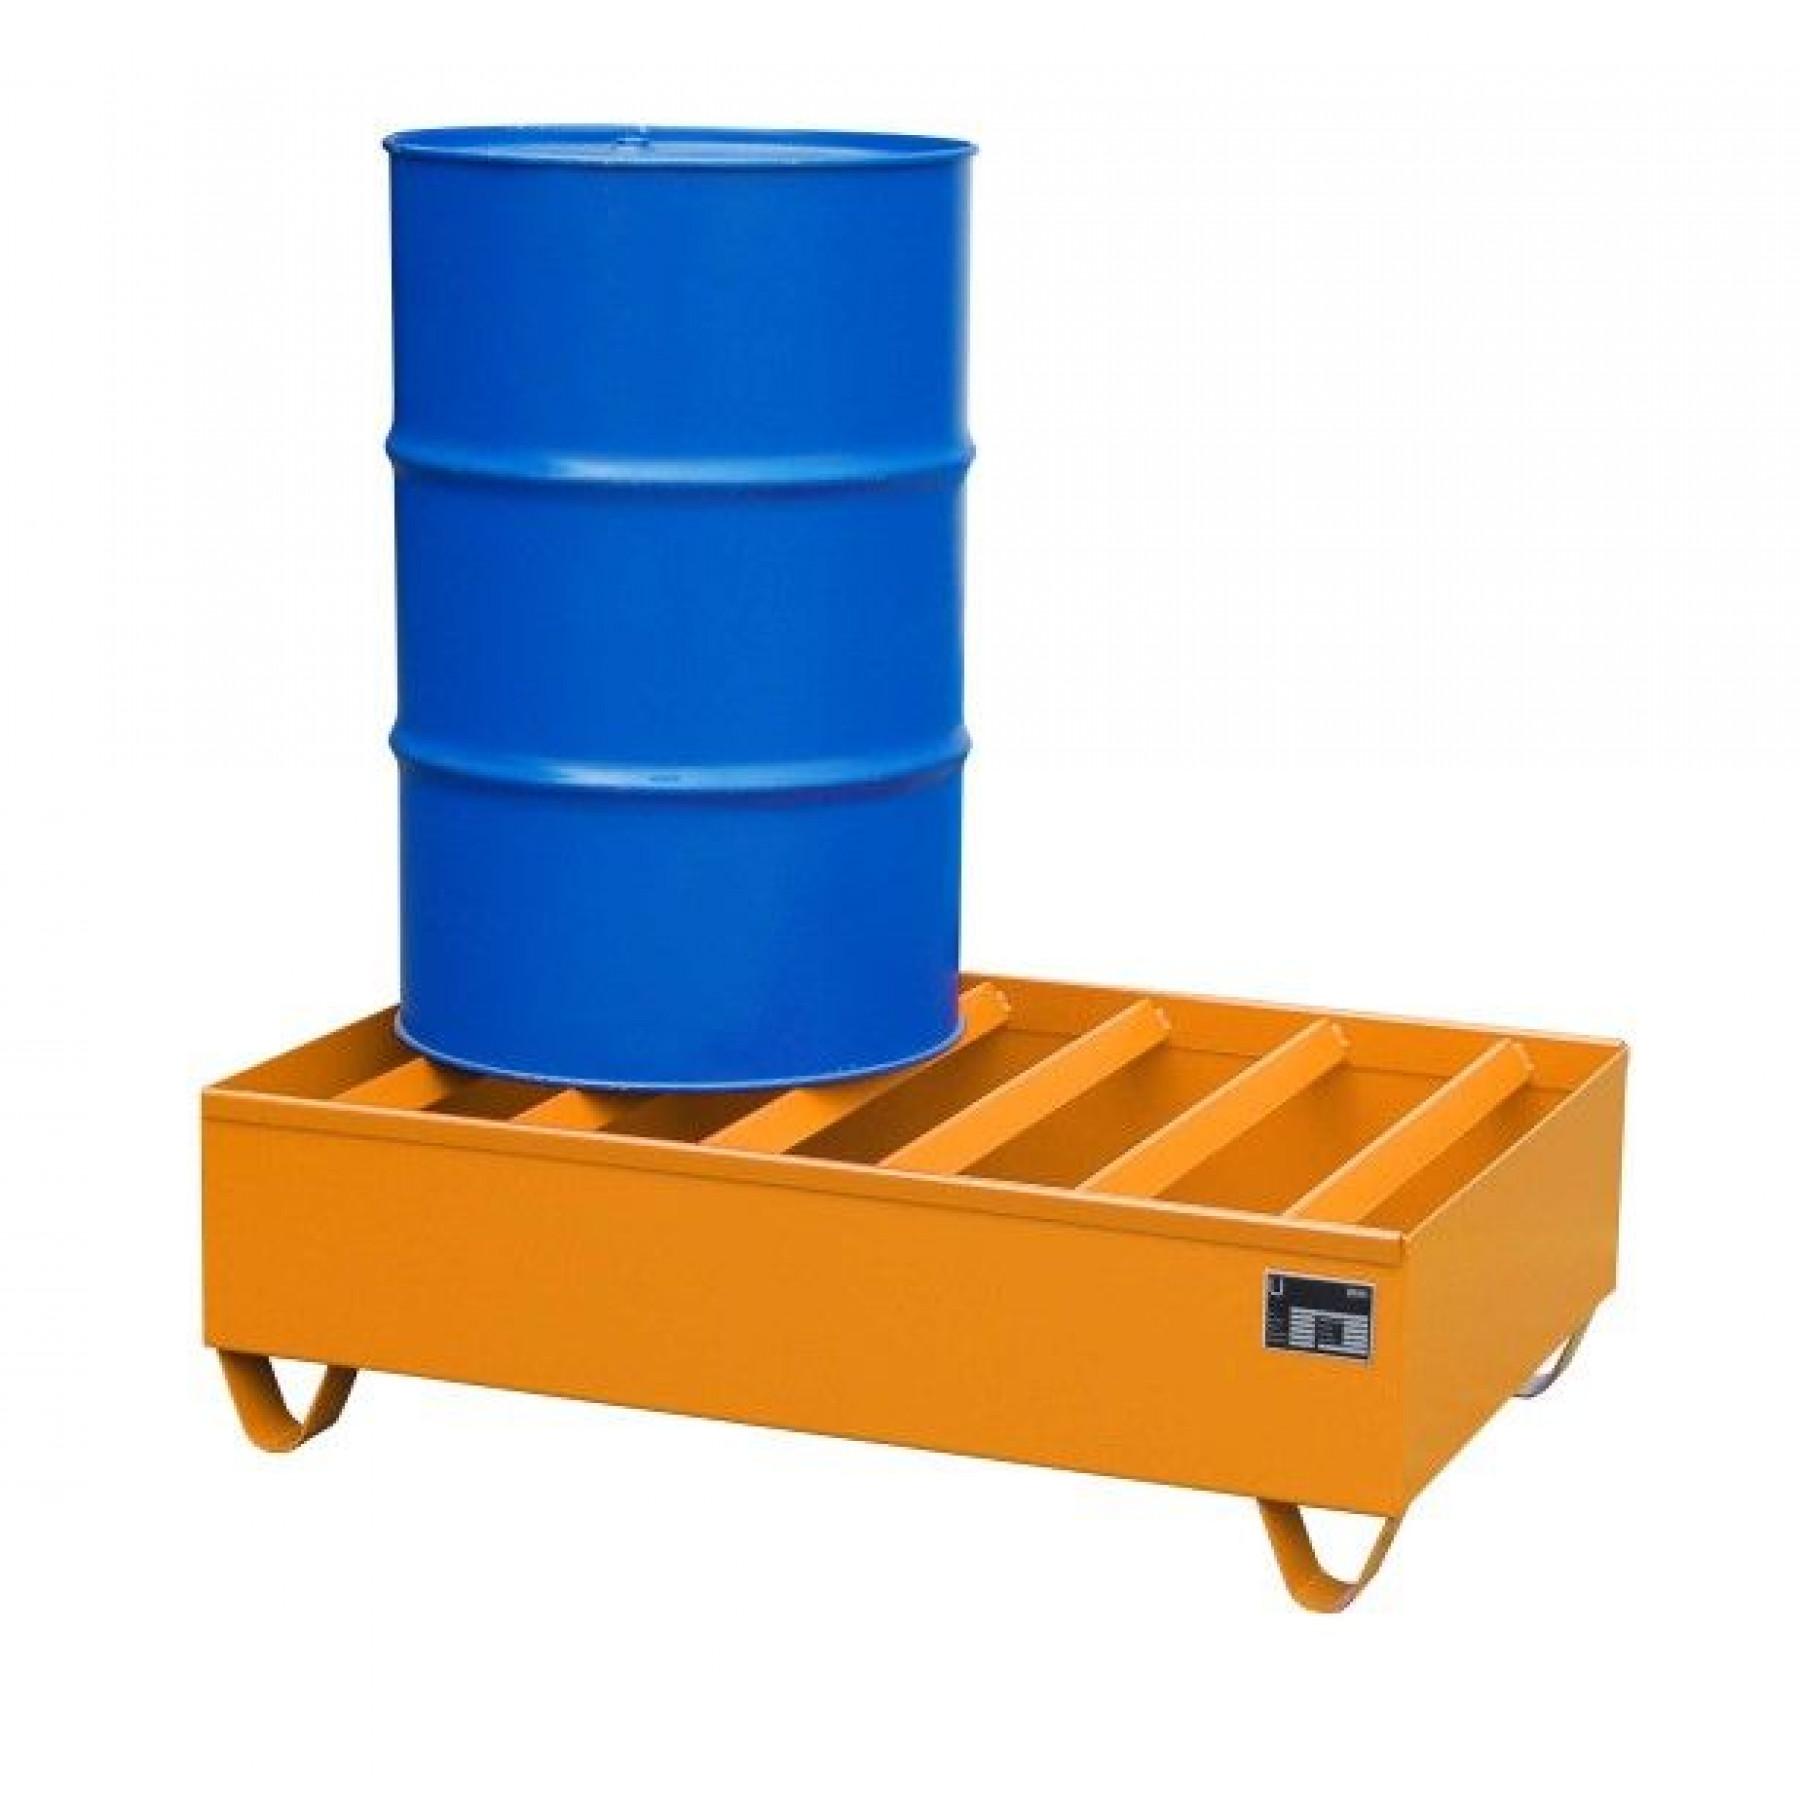 Profiel opvangbakken voor 2x 200 liter vaten, vervaardigd van 3mm staalplaat